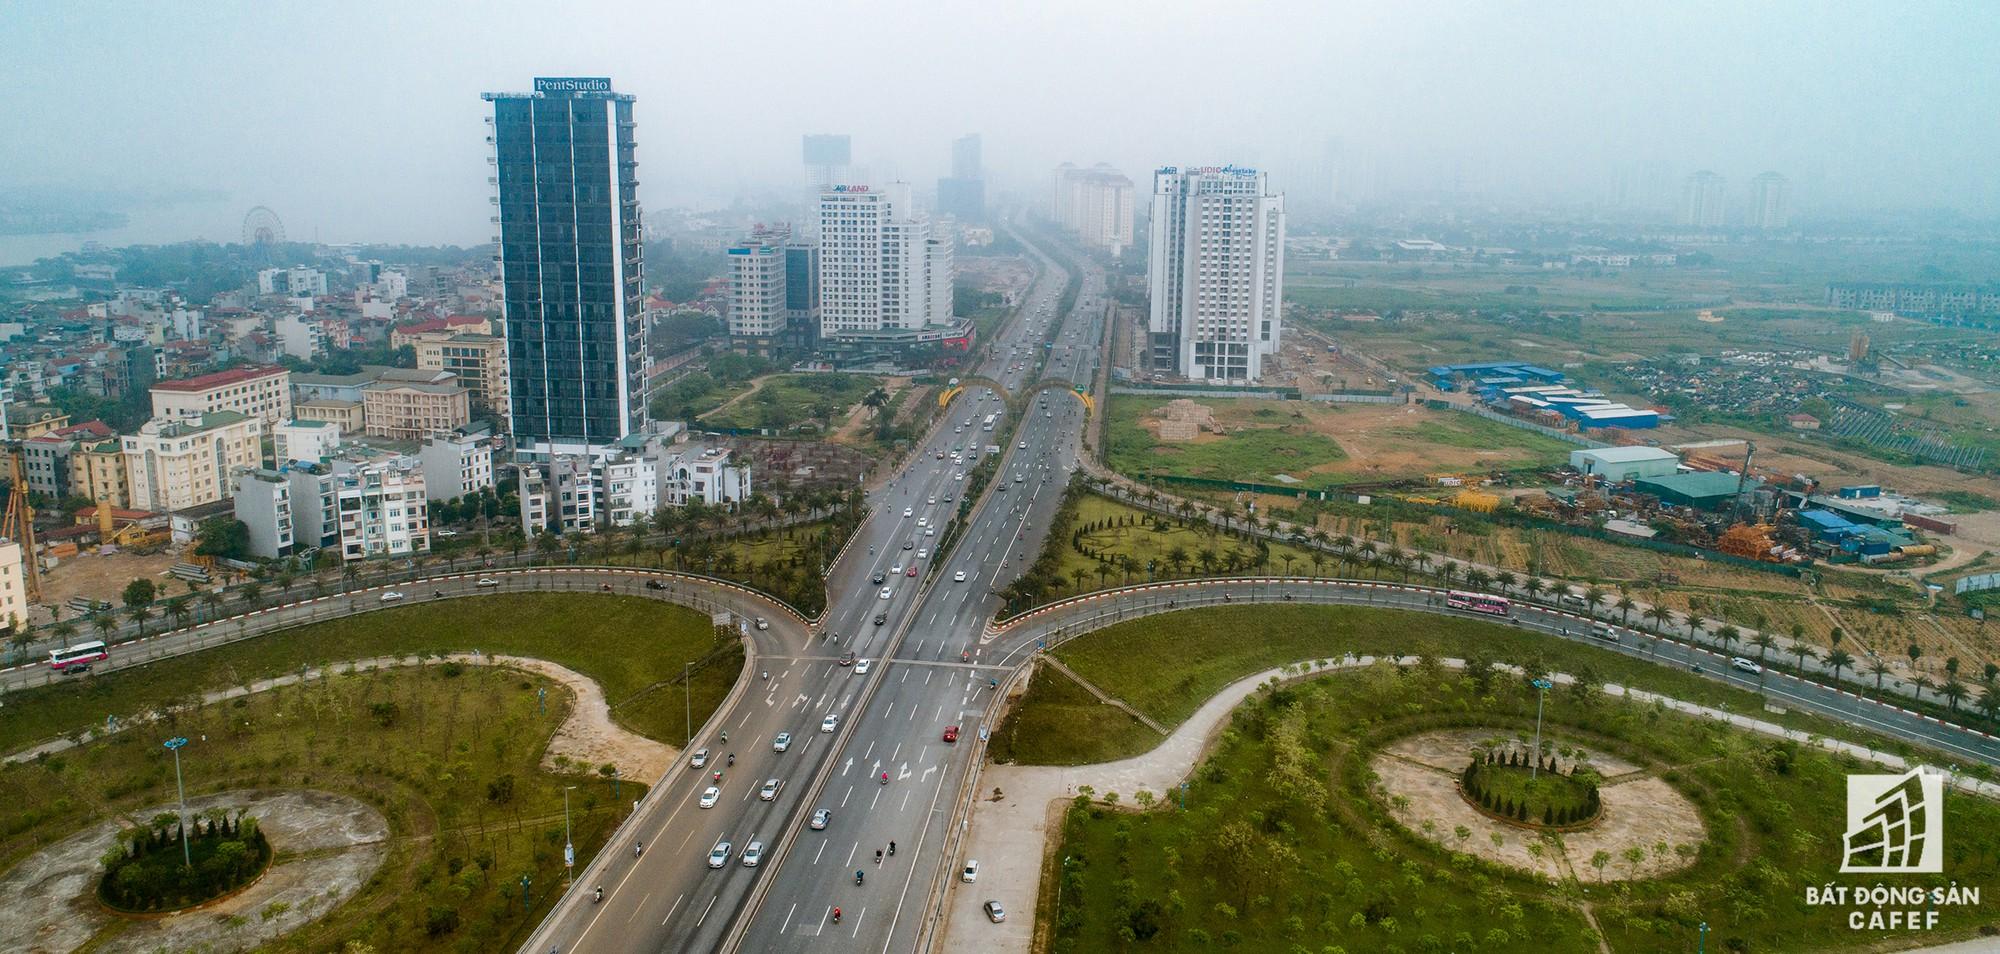 Cận cảnh hàng loạt dự án cao ốc dọc trục đường 8 làn xe tại trung tâm Hà Nội - Ảnh 2.